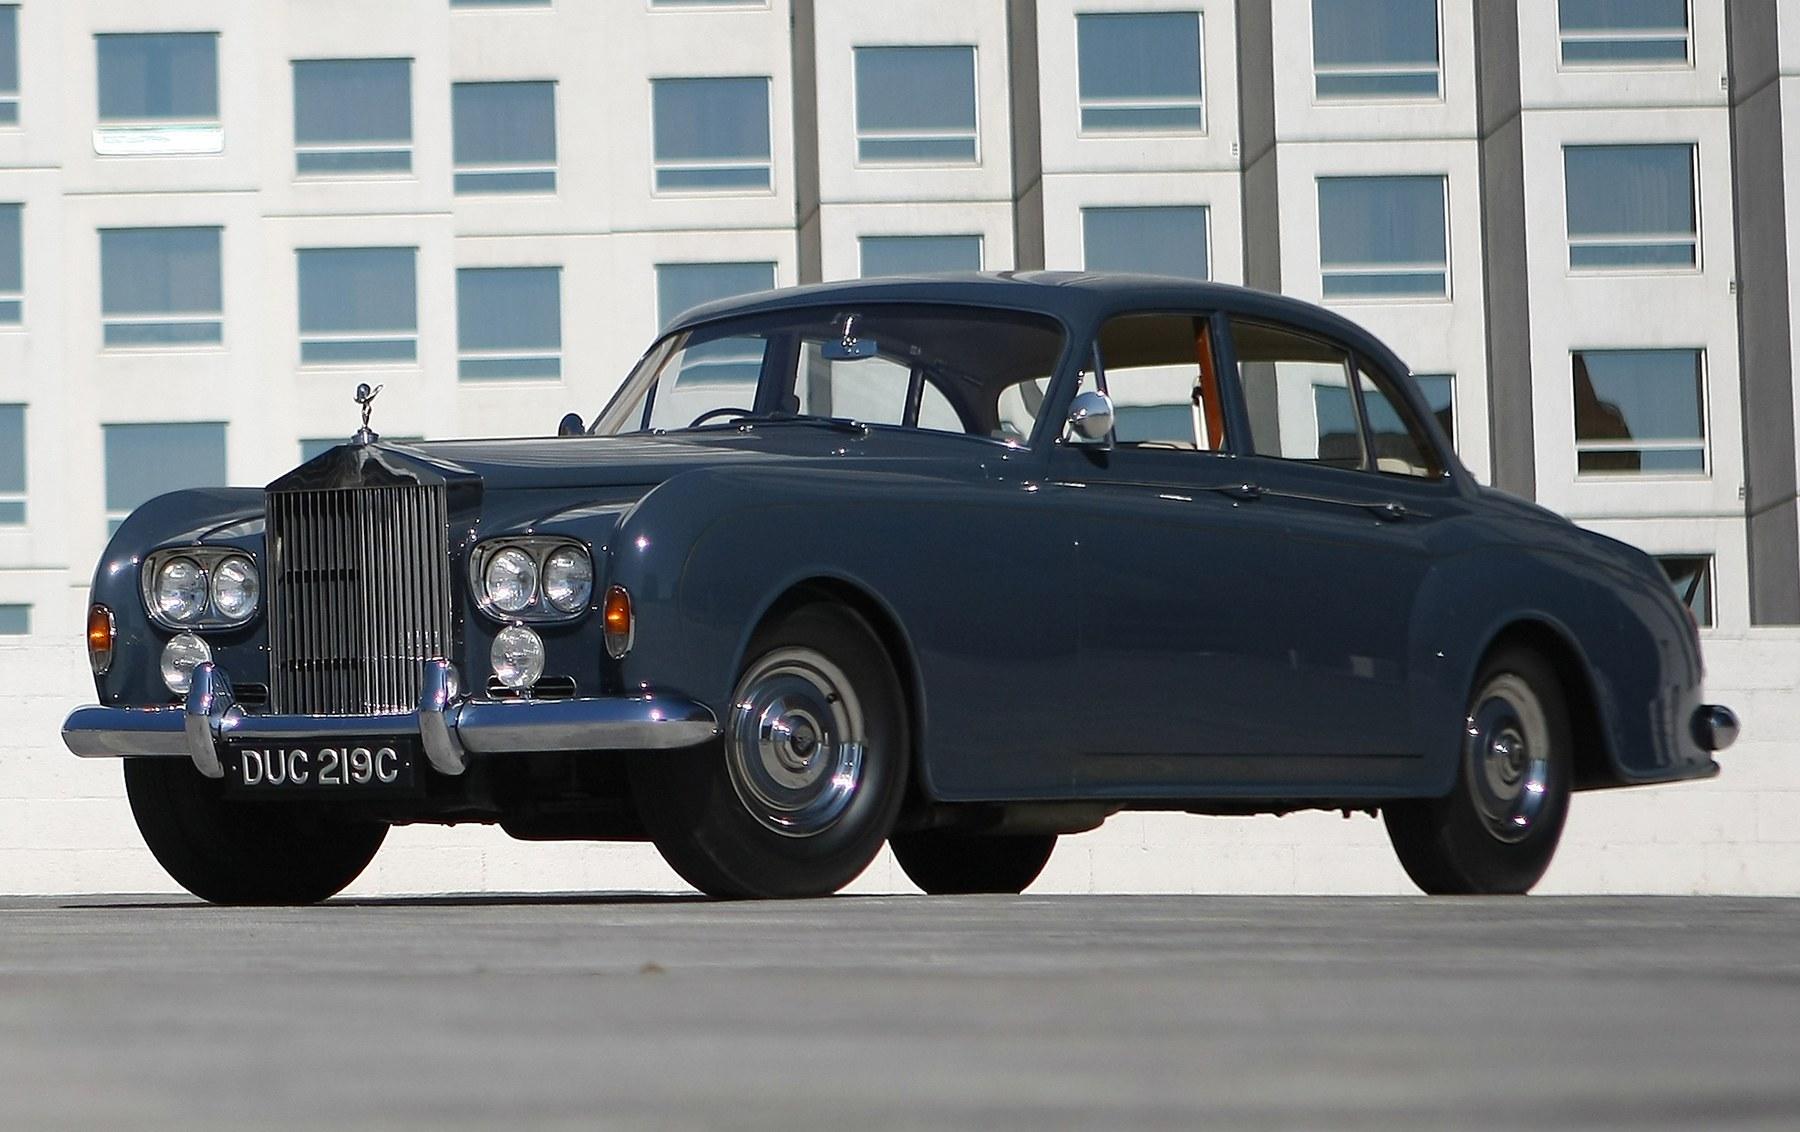 1965 Rolls Royce Silver Cloud III Four-Door Saloon